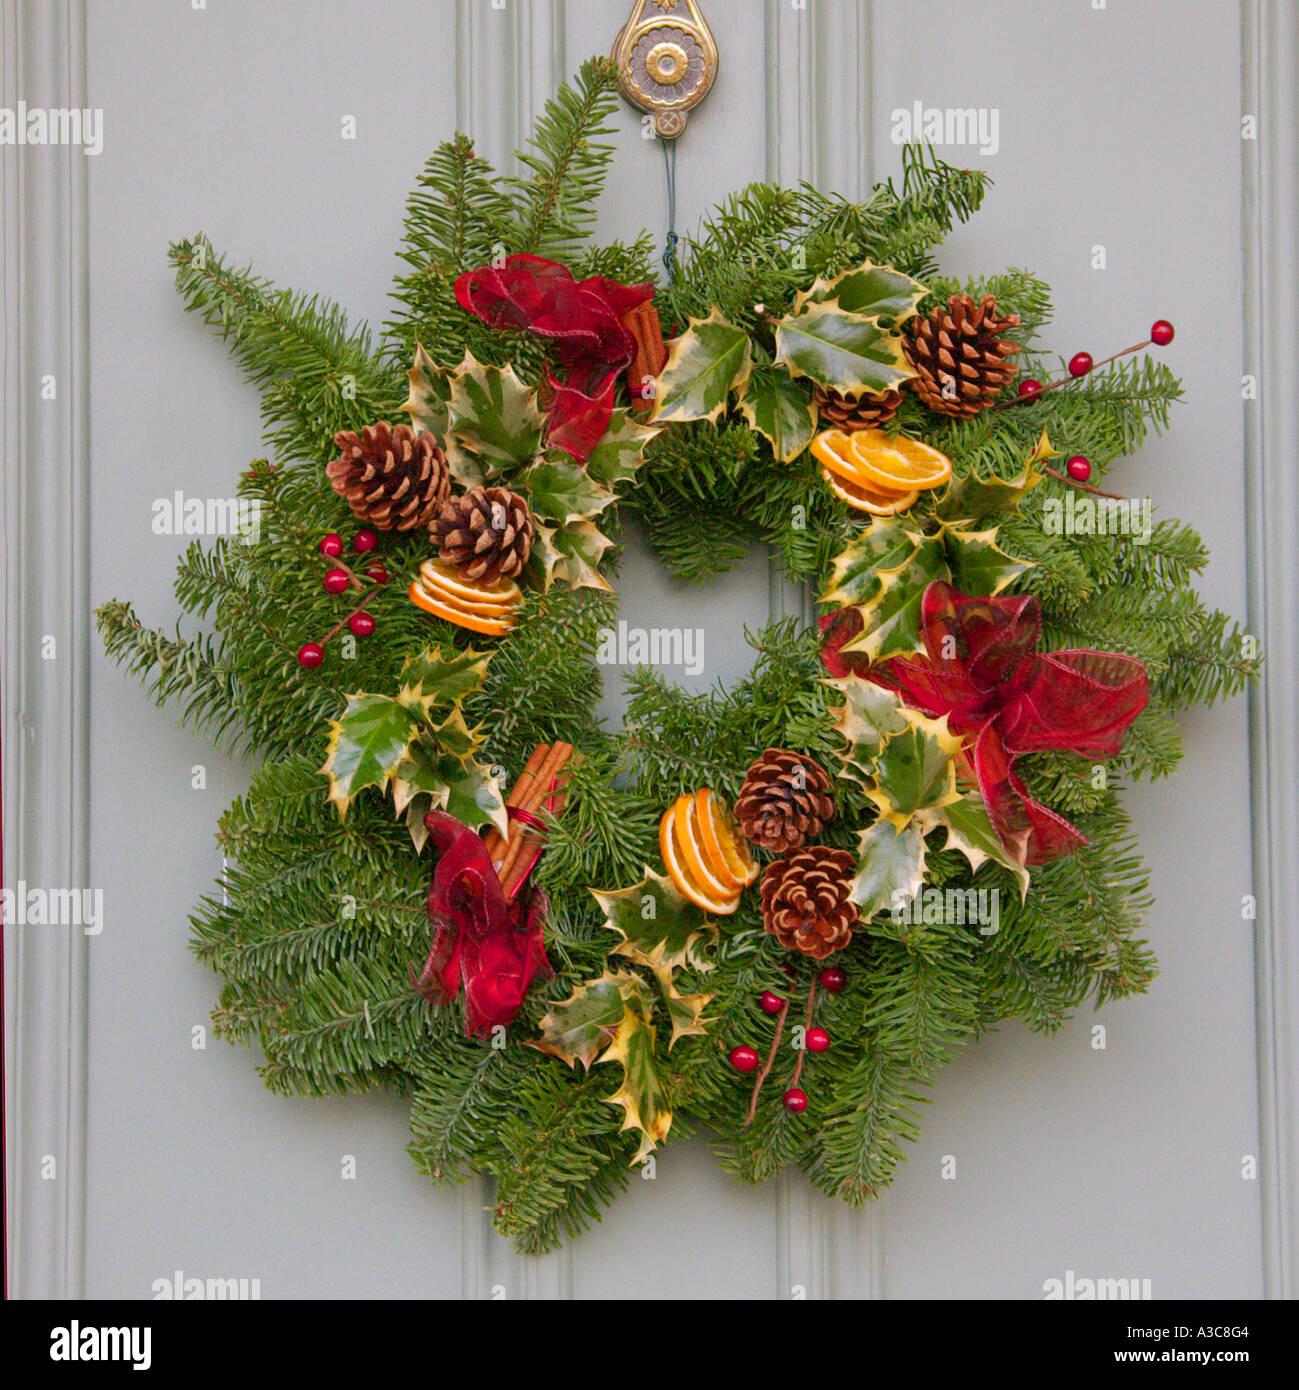 weihnachtskranz an grauen t r stockfoto bild 6137347 alamy. Black Bedroom Furniture Sets. Home Design Ideas